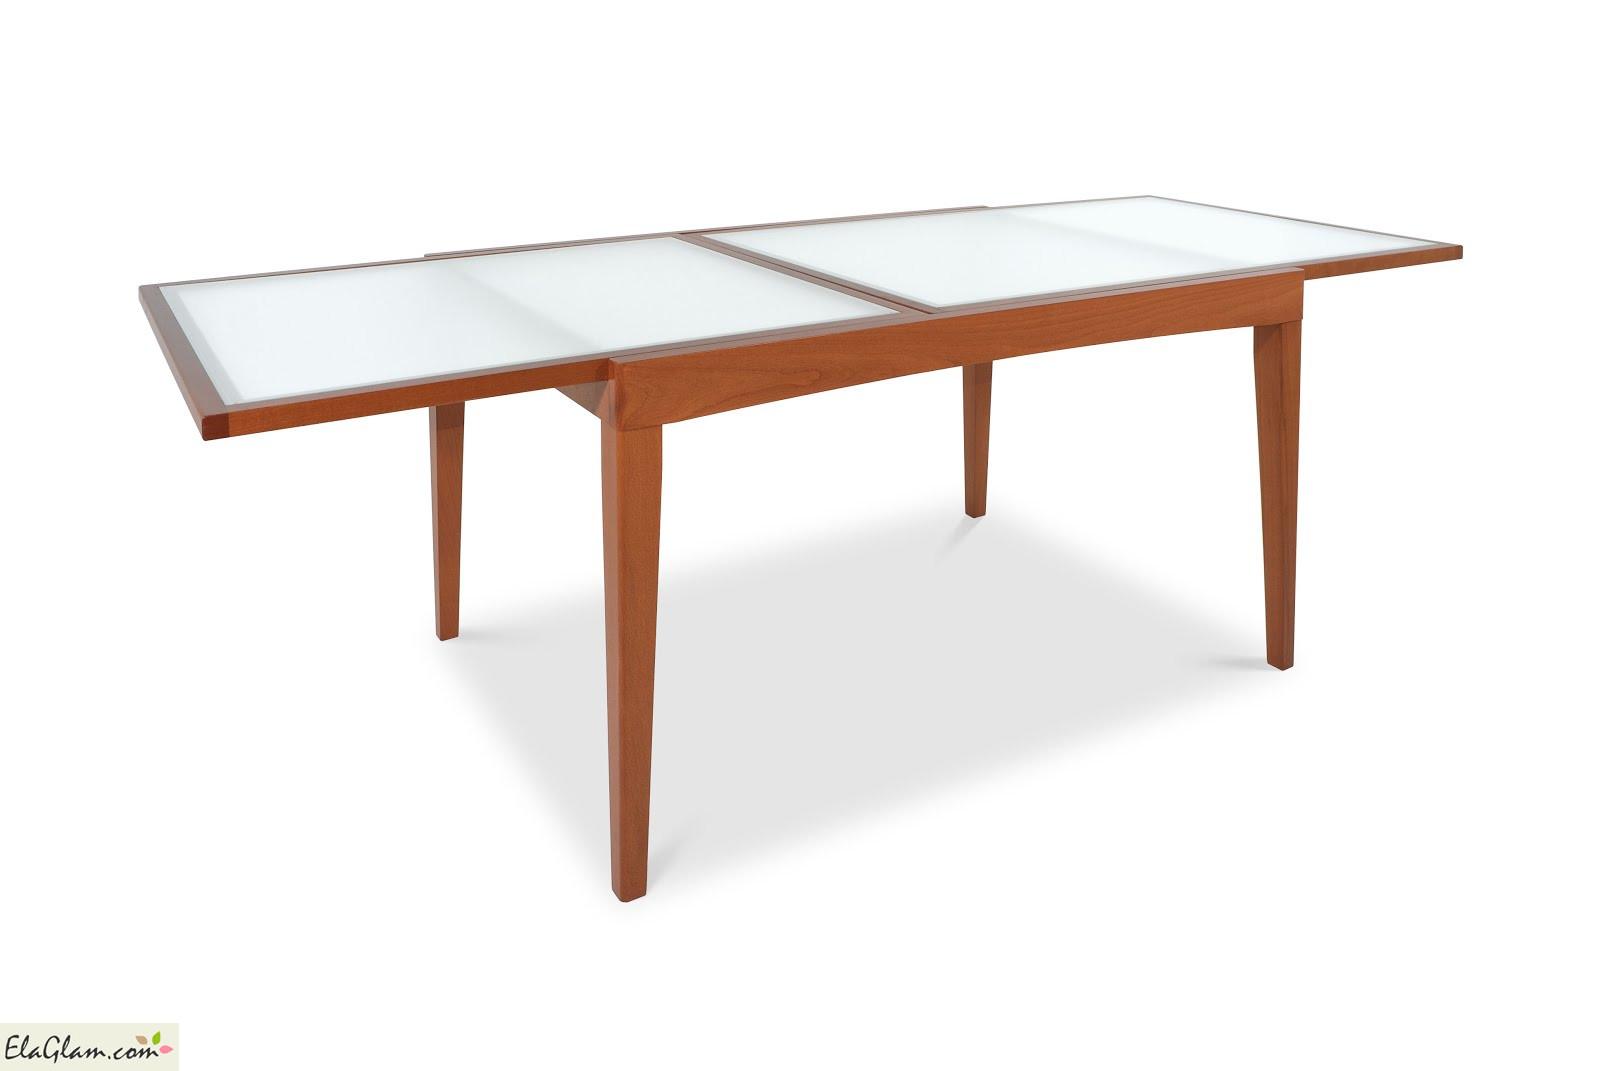 Tavolo Rettangolare In Vetro.Tavolo Rettangolare Allungabile In Legno Con Piano In Vetro H13013